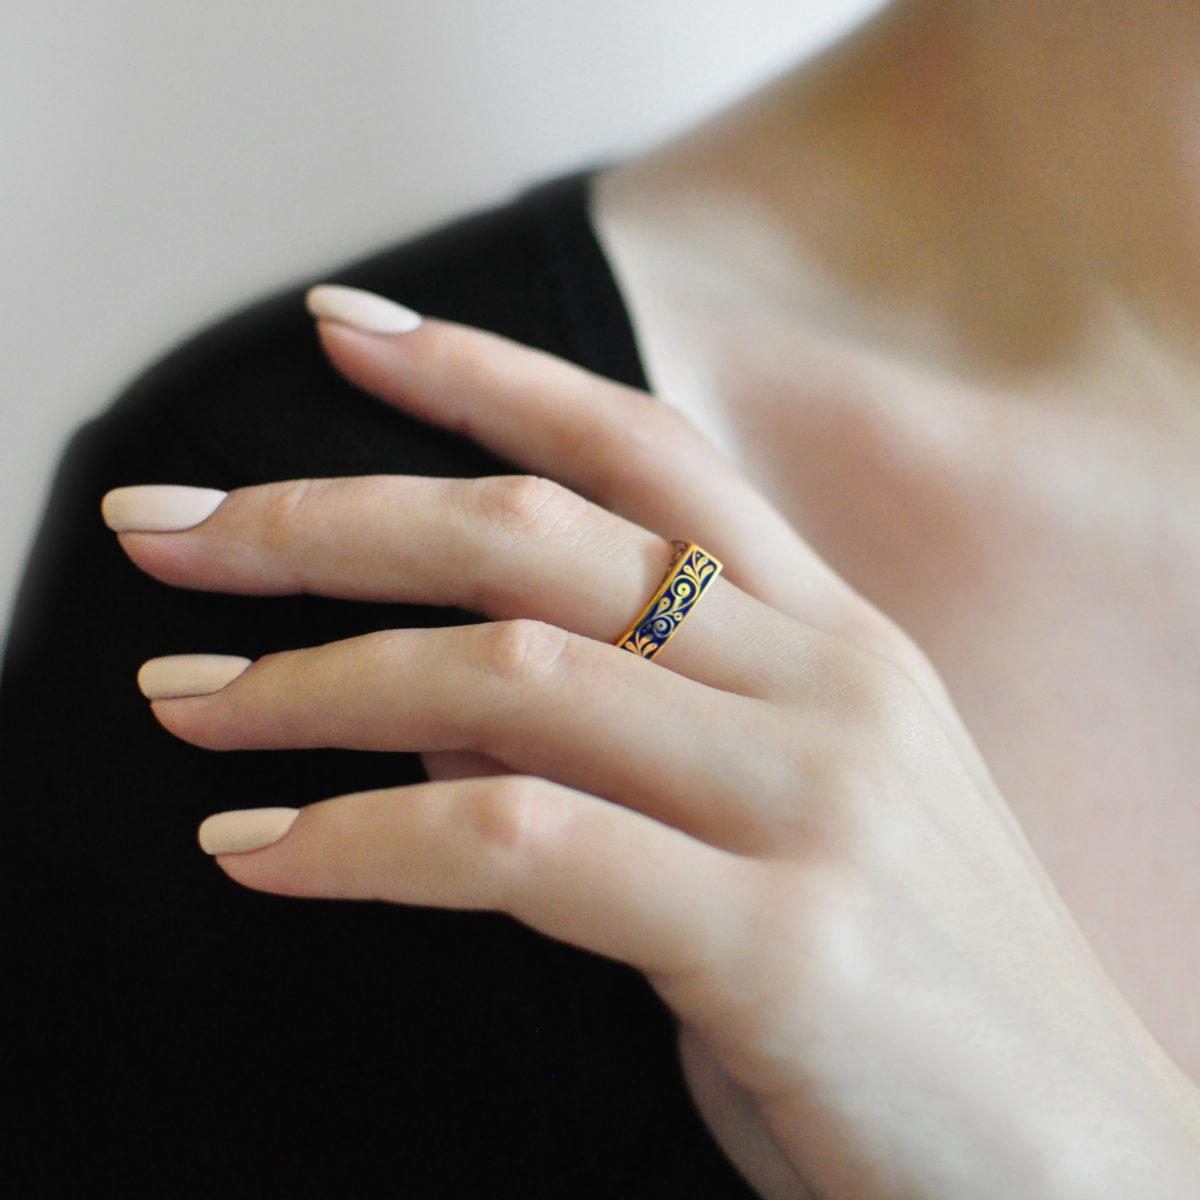 zolochenie sinyaya 1200x1200 - Кольцо из серебра треугольное «Спас-на-крови» (золочение), синяя